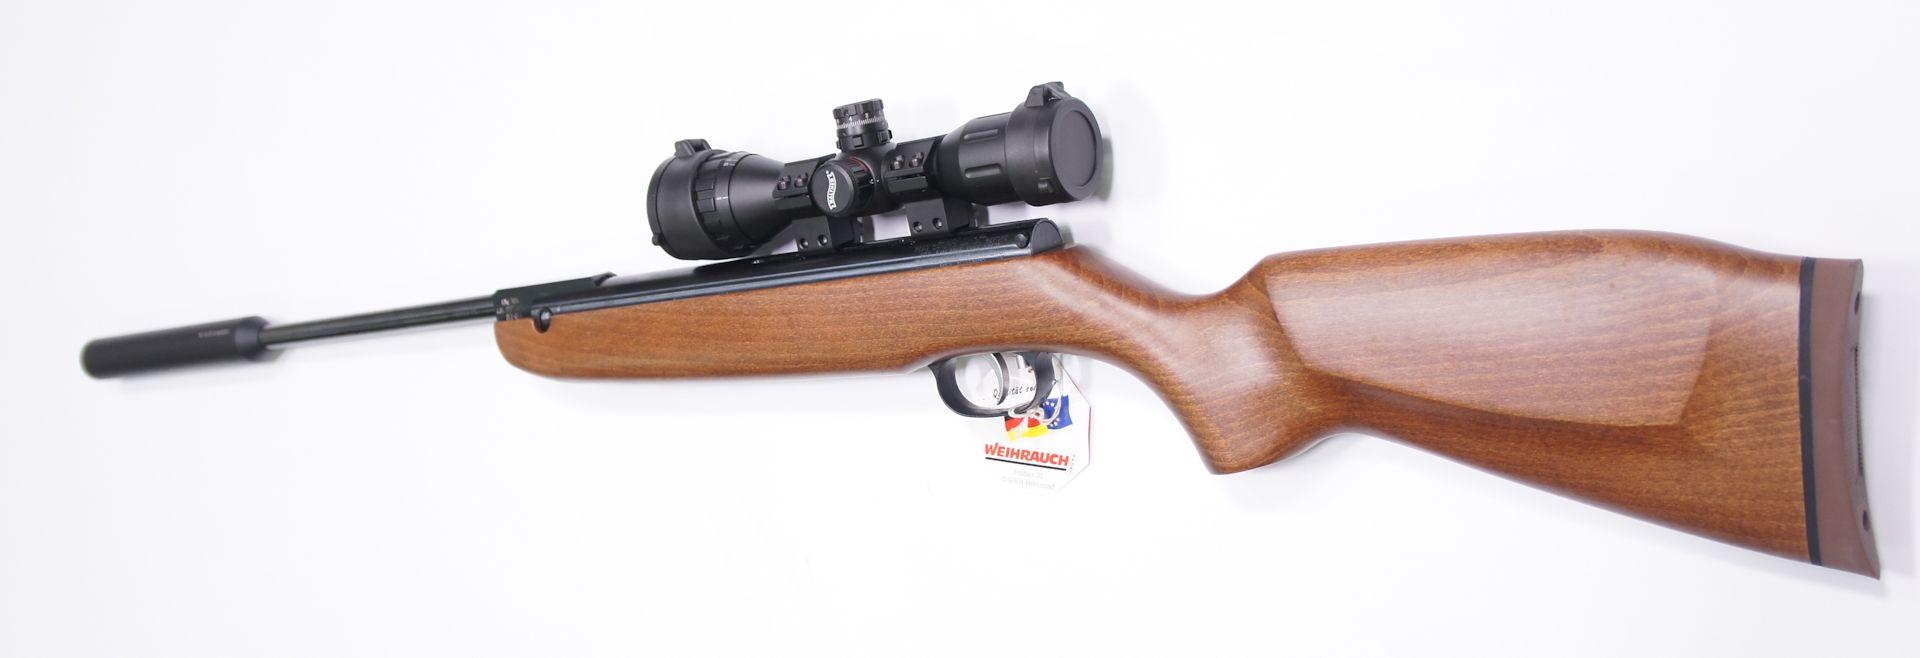 Diese sehr gute und robuste Optik der Marke Walther wäre zum HW 80 K eine hervorragende Ergänzung. Gerne können Sie <a href=1130130set77-45.htm>so eine Optik am Gewehr von mir montiert und eingeschossen</a> erhalten.